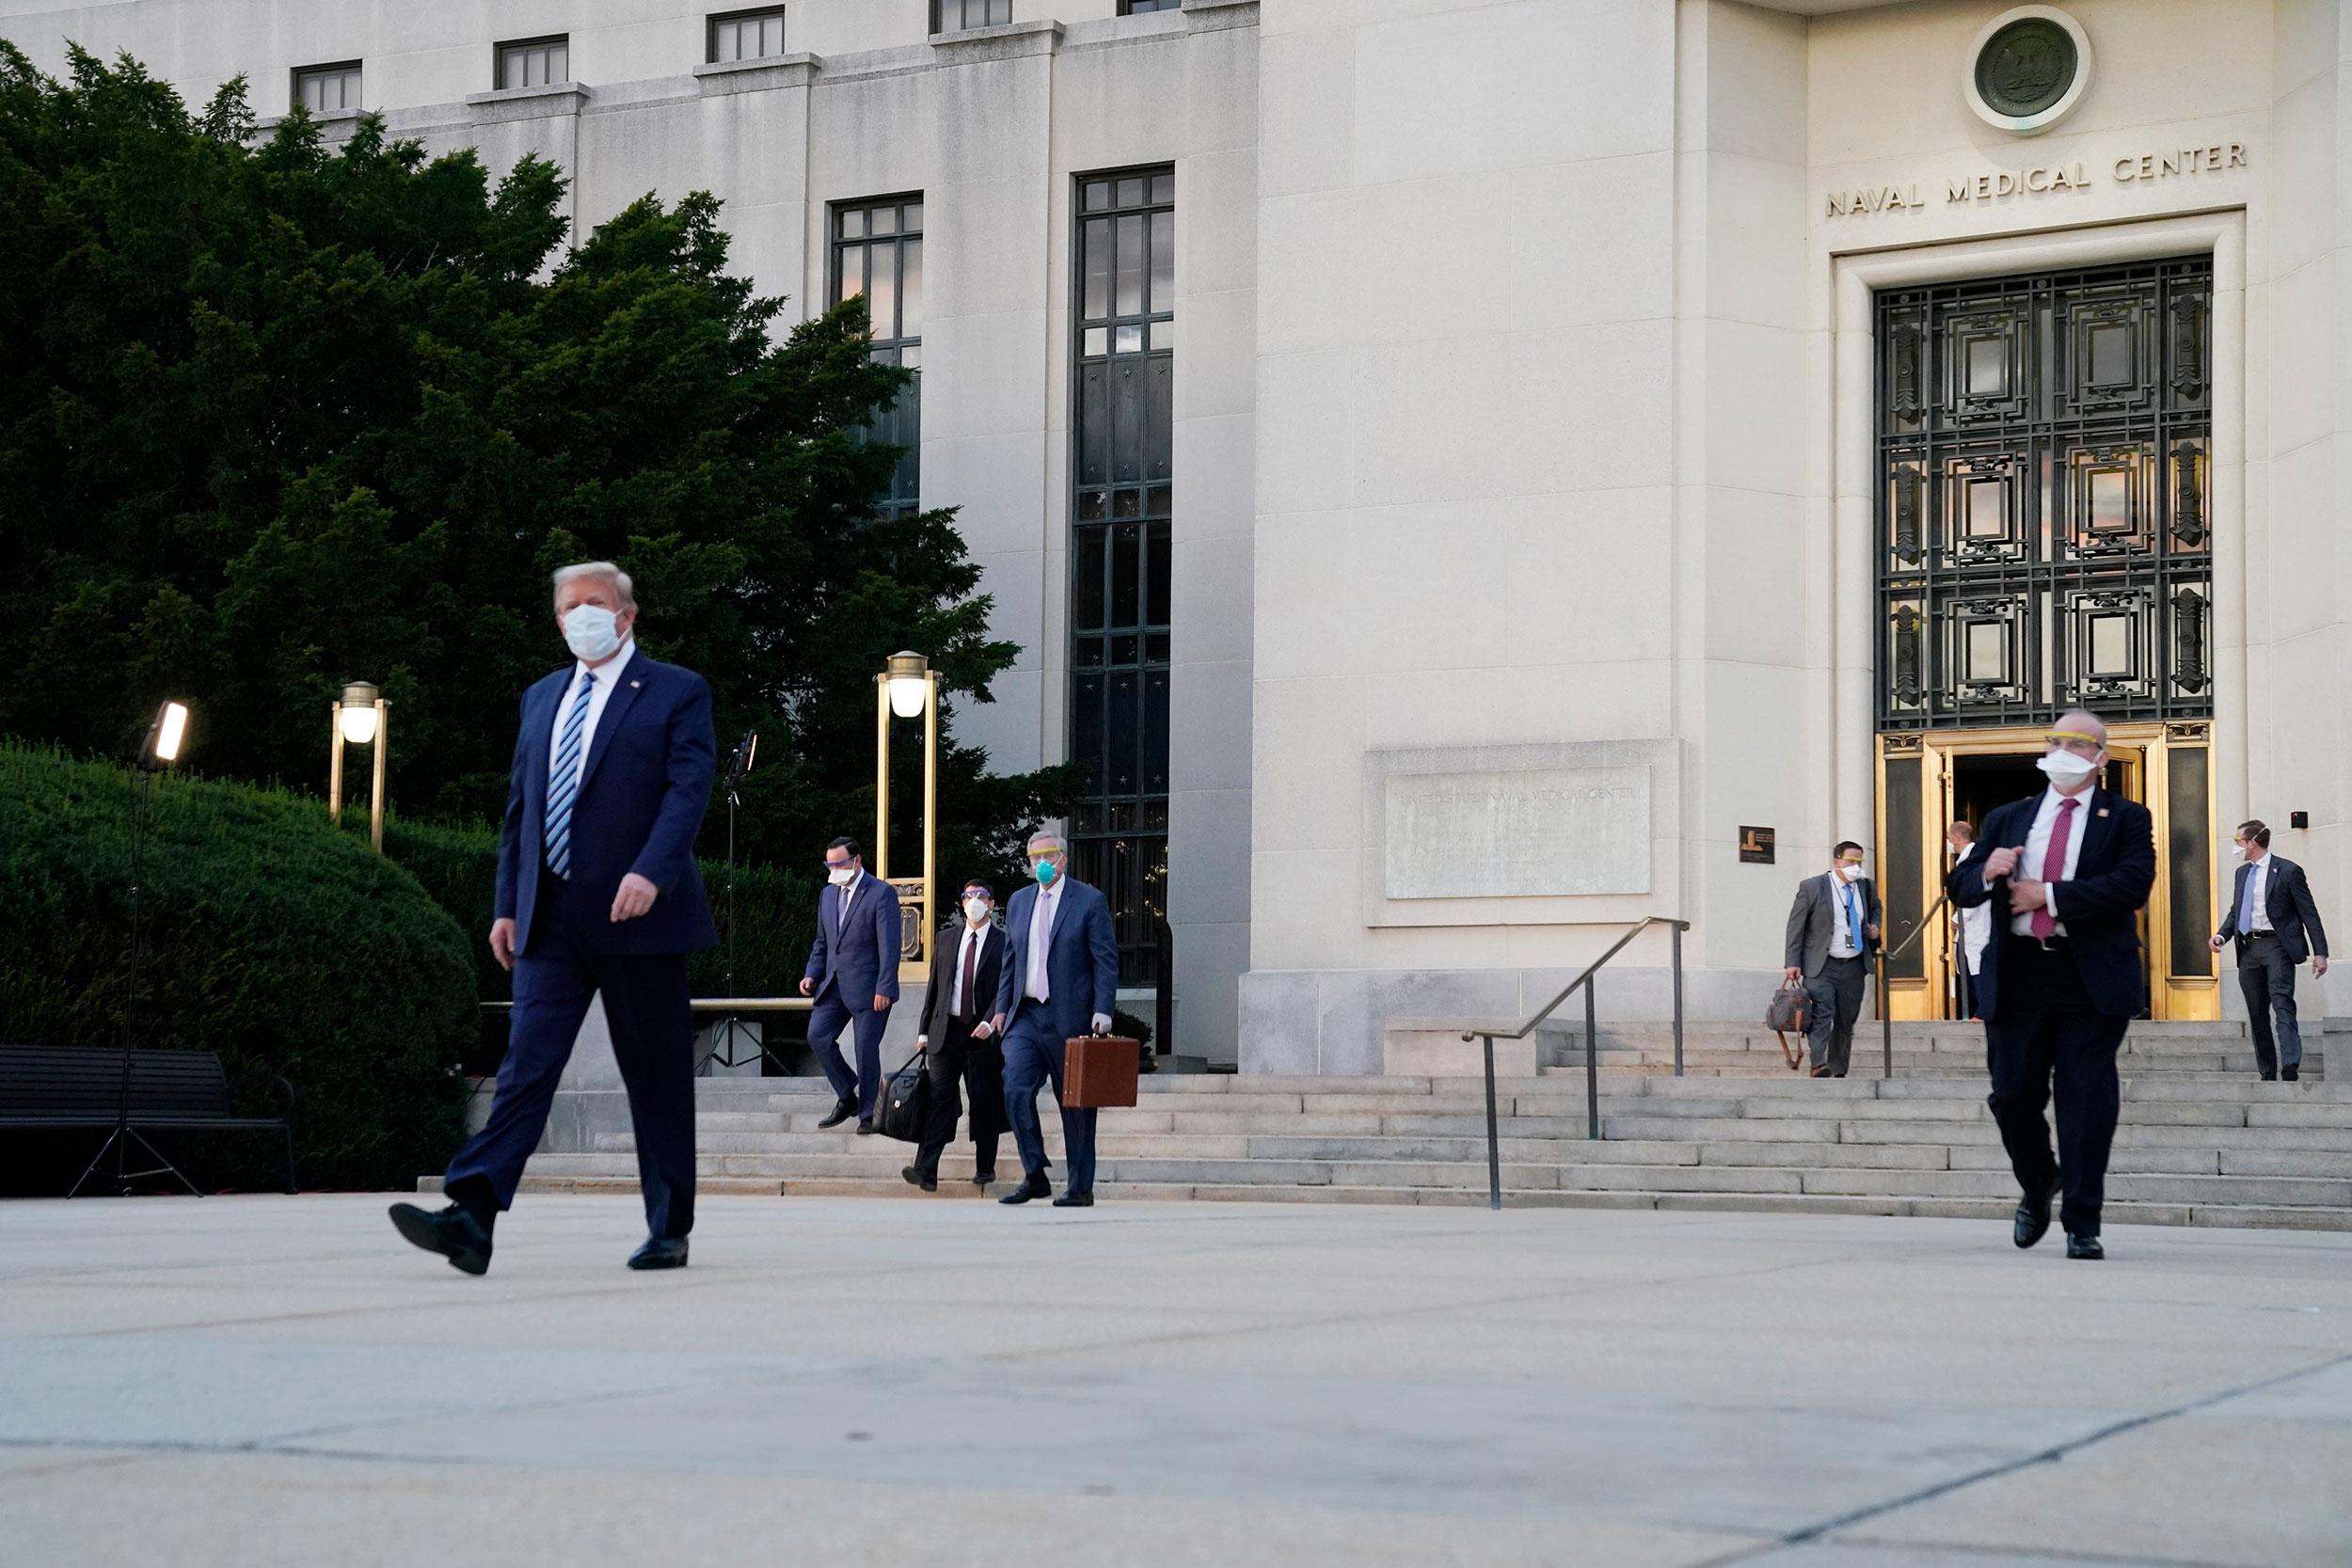 快讯!特朗普乘专机脱离医疗中央后,已返回白宫